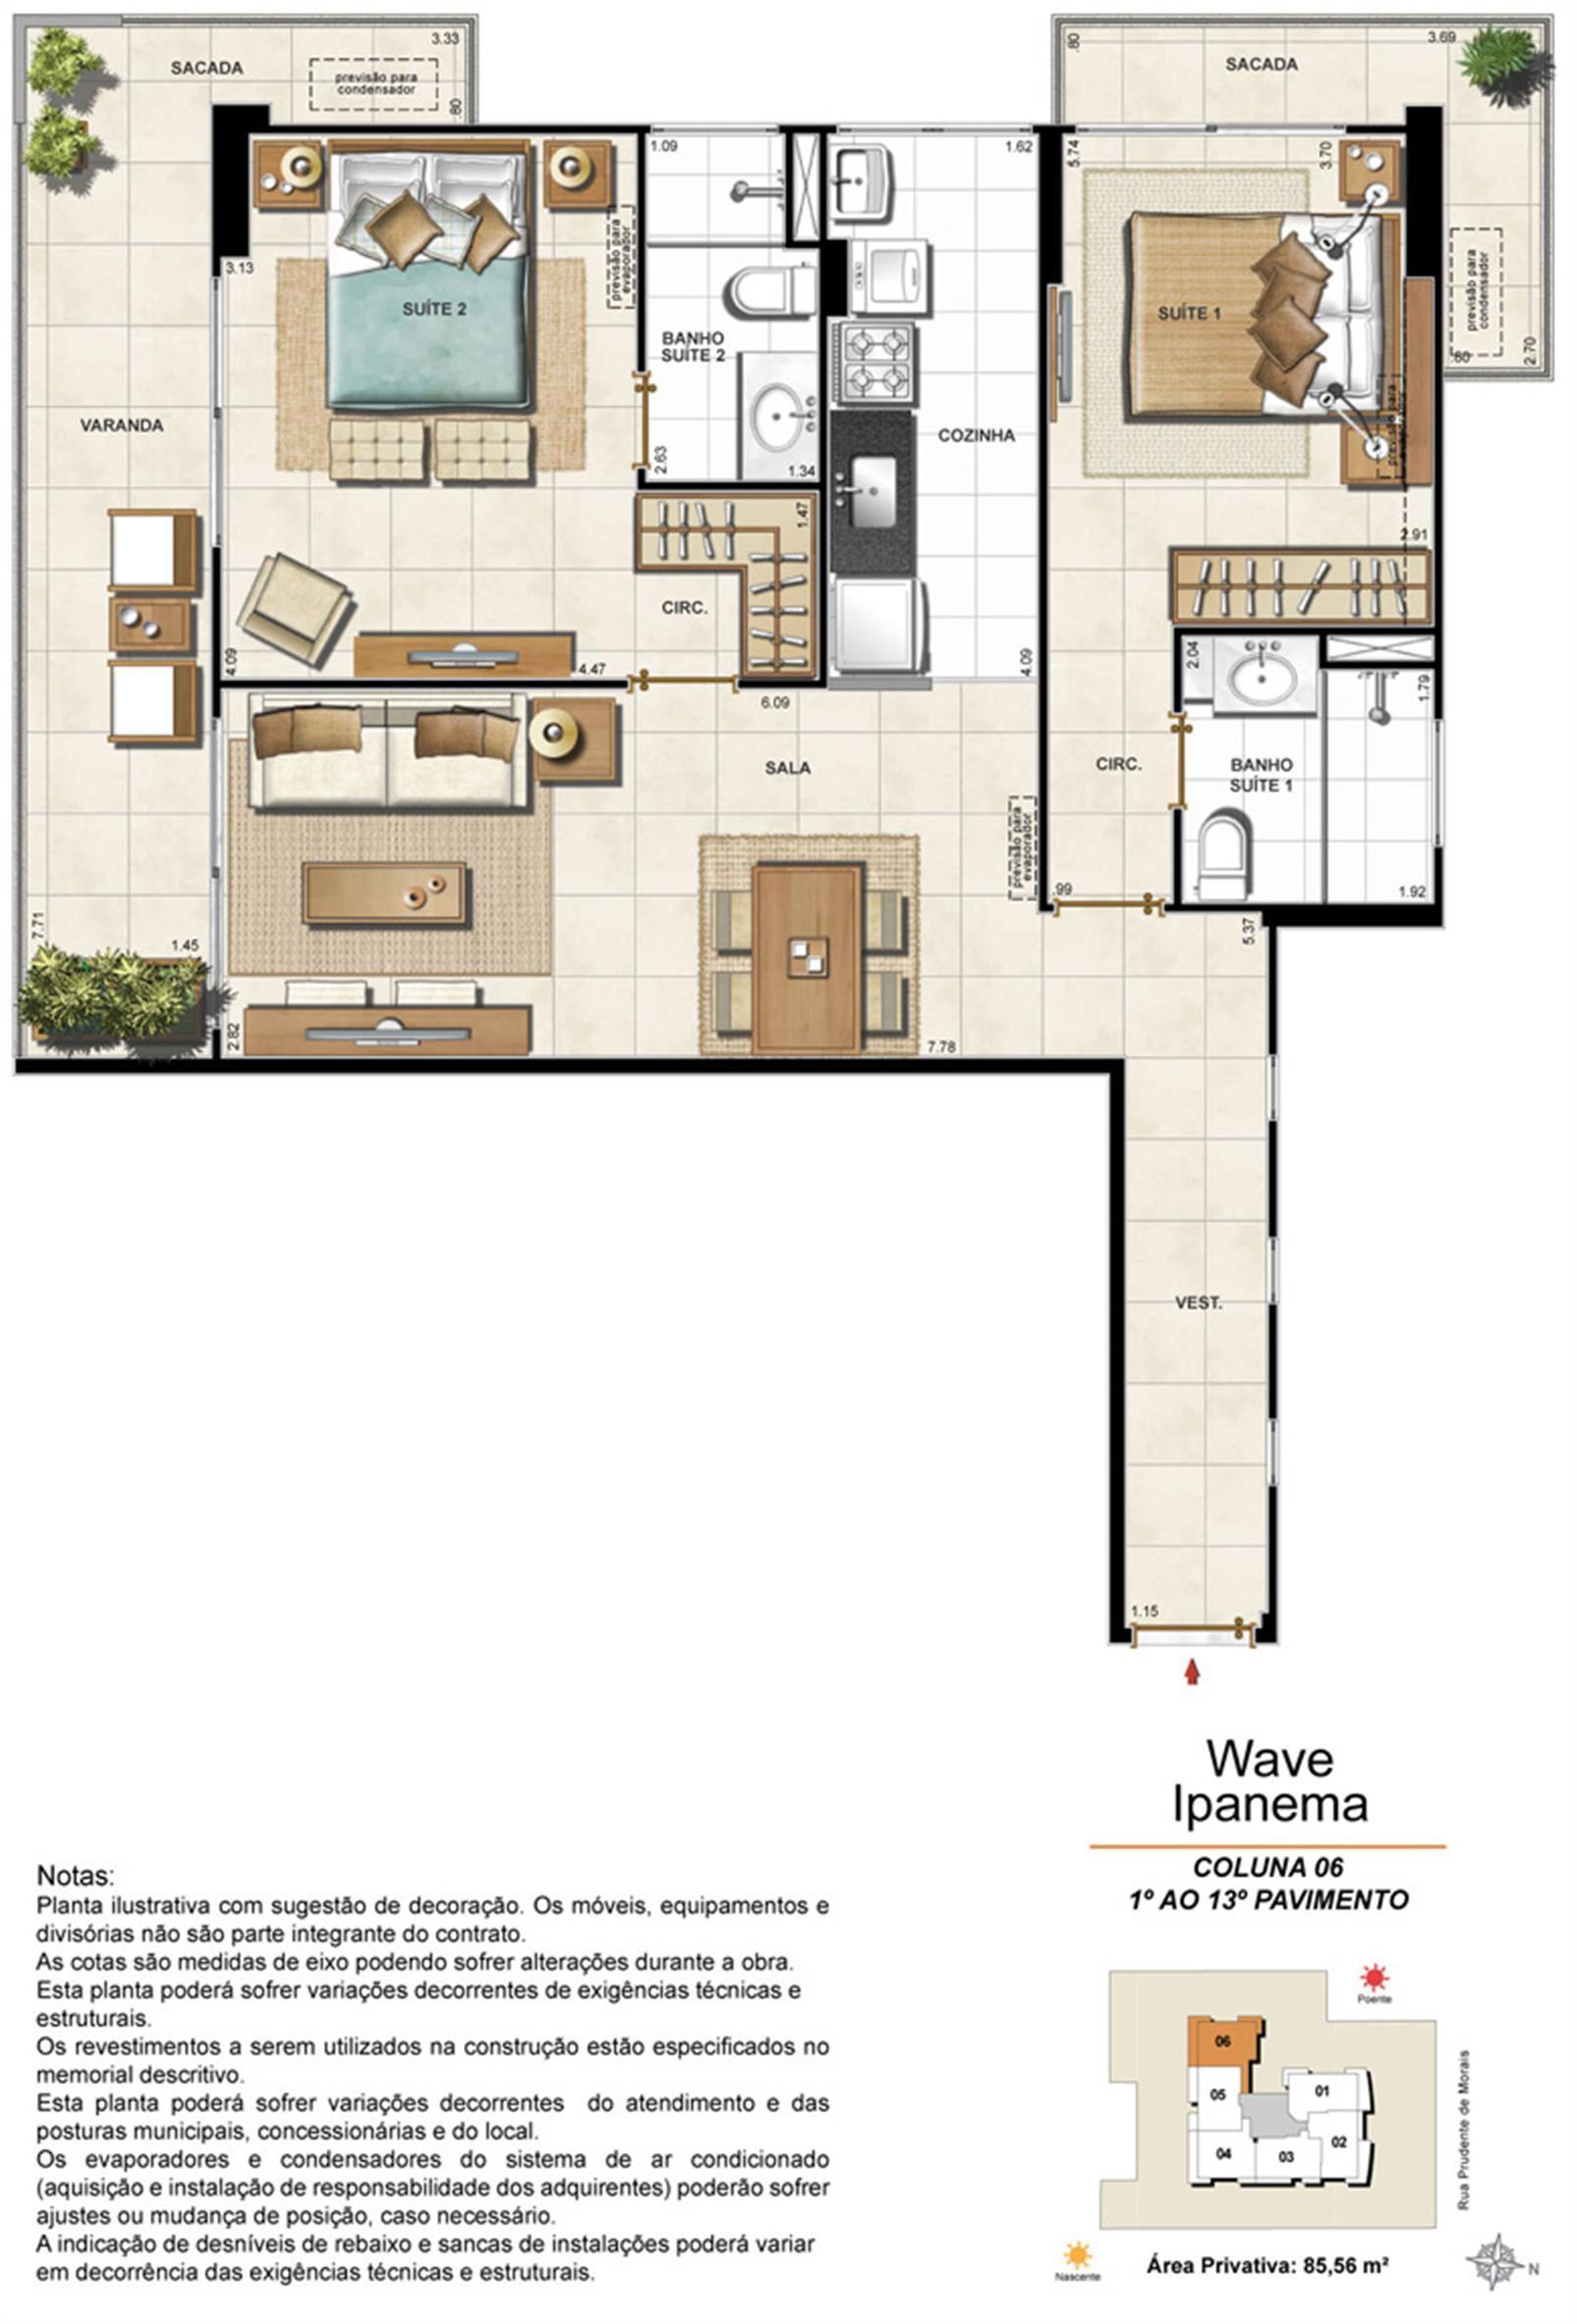 Apartamento Tipo Coluna 06 - 1º ao 13º Pavimento | Wave Ipanema – Apartamentoem  Ipanema - Rio de Janeiro - Rio de Janeiro